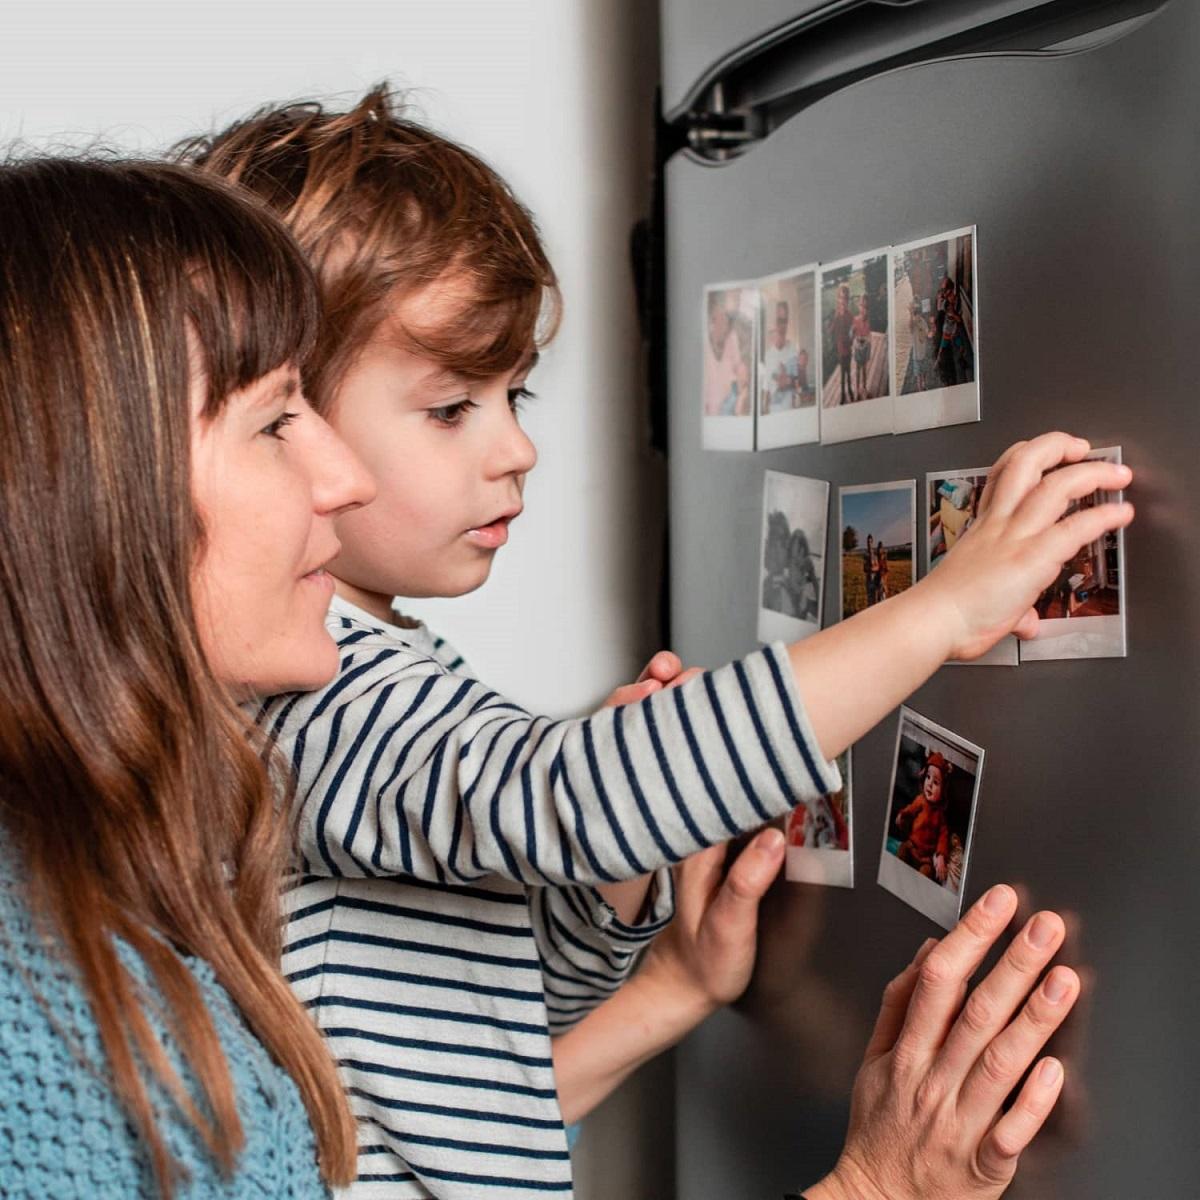 Idée cadeau fête des mères : magnet photos Cheerz